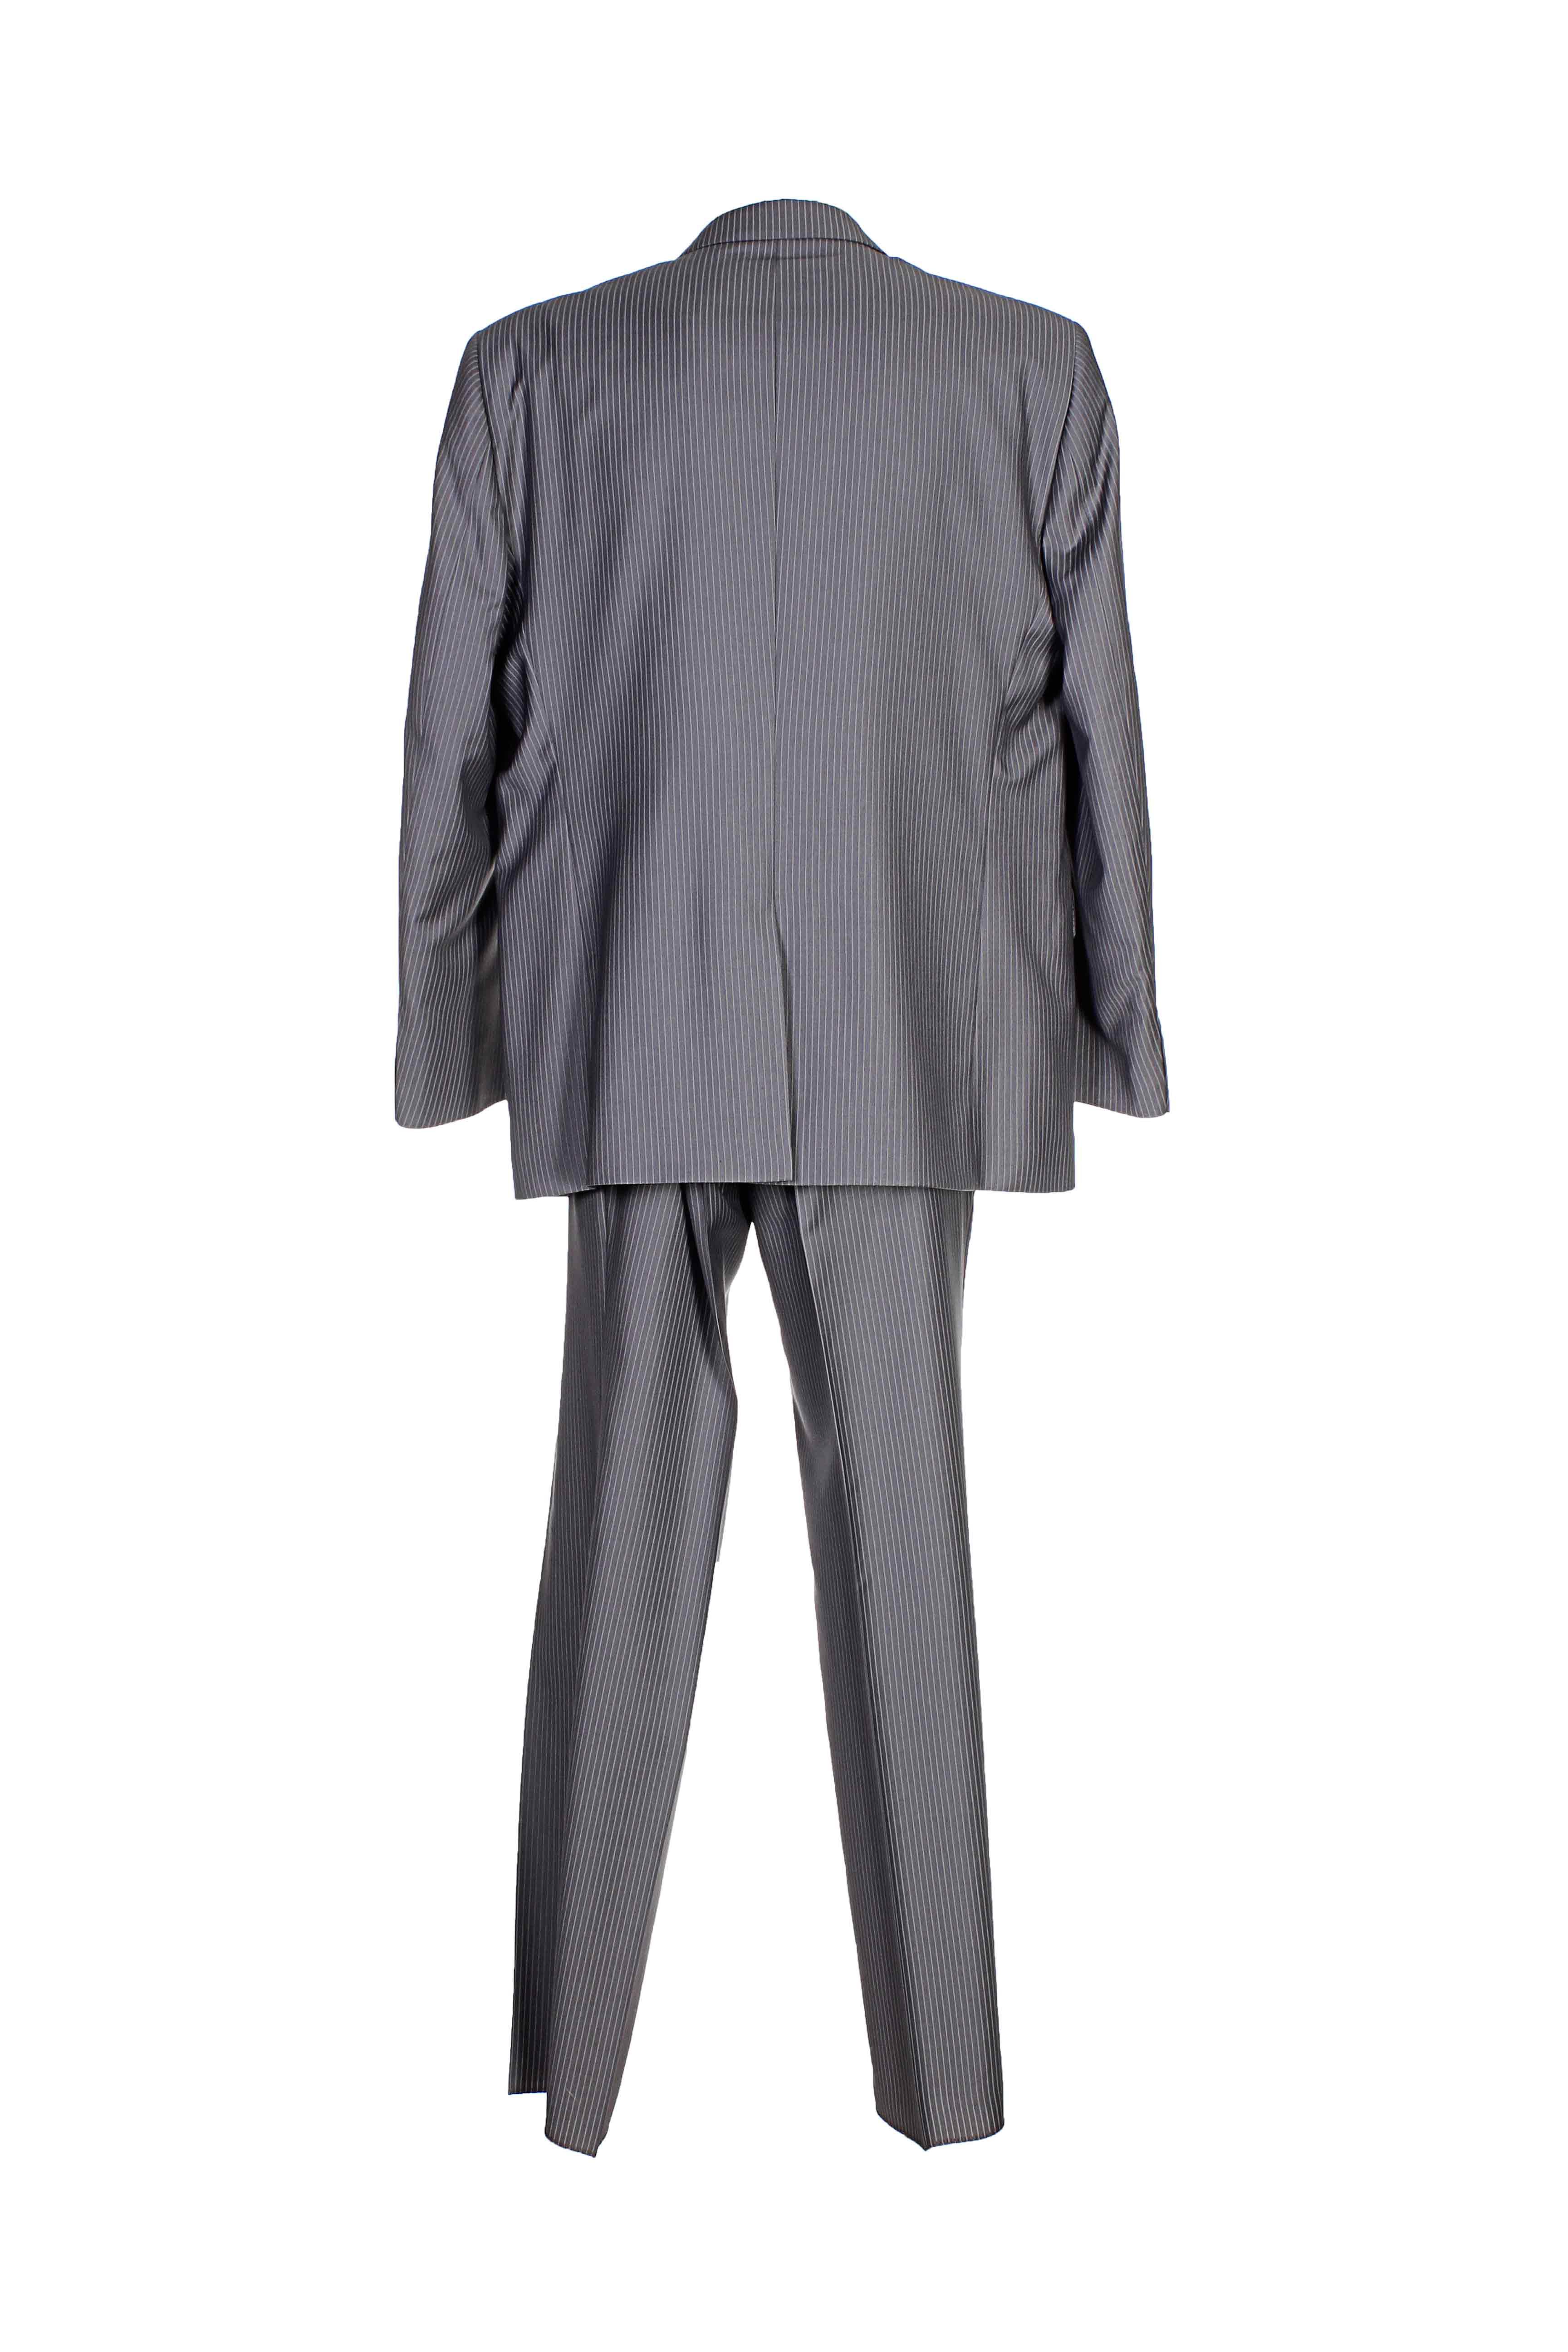 Franck Elisee Costumes Ville Homme De Couleur Gris En Soldes Pas Cher 922171-gris00